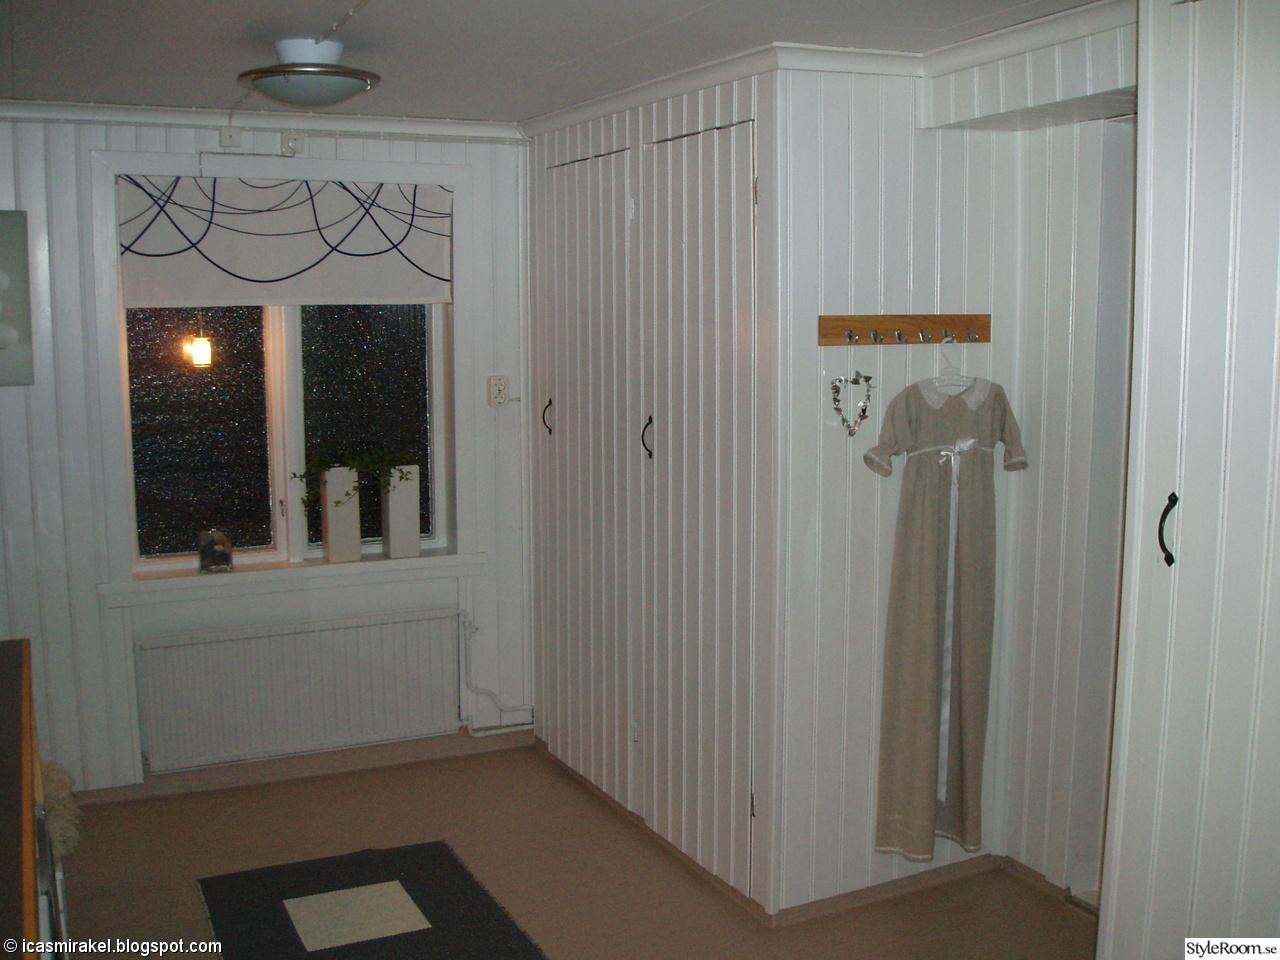 Opraktiskt tvättstuga   inspiration och idéer till ditt hem